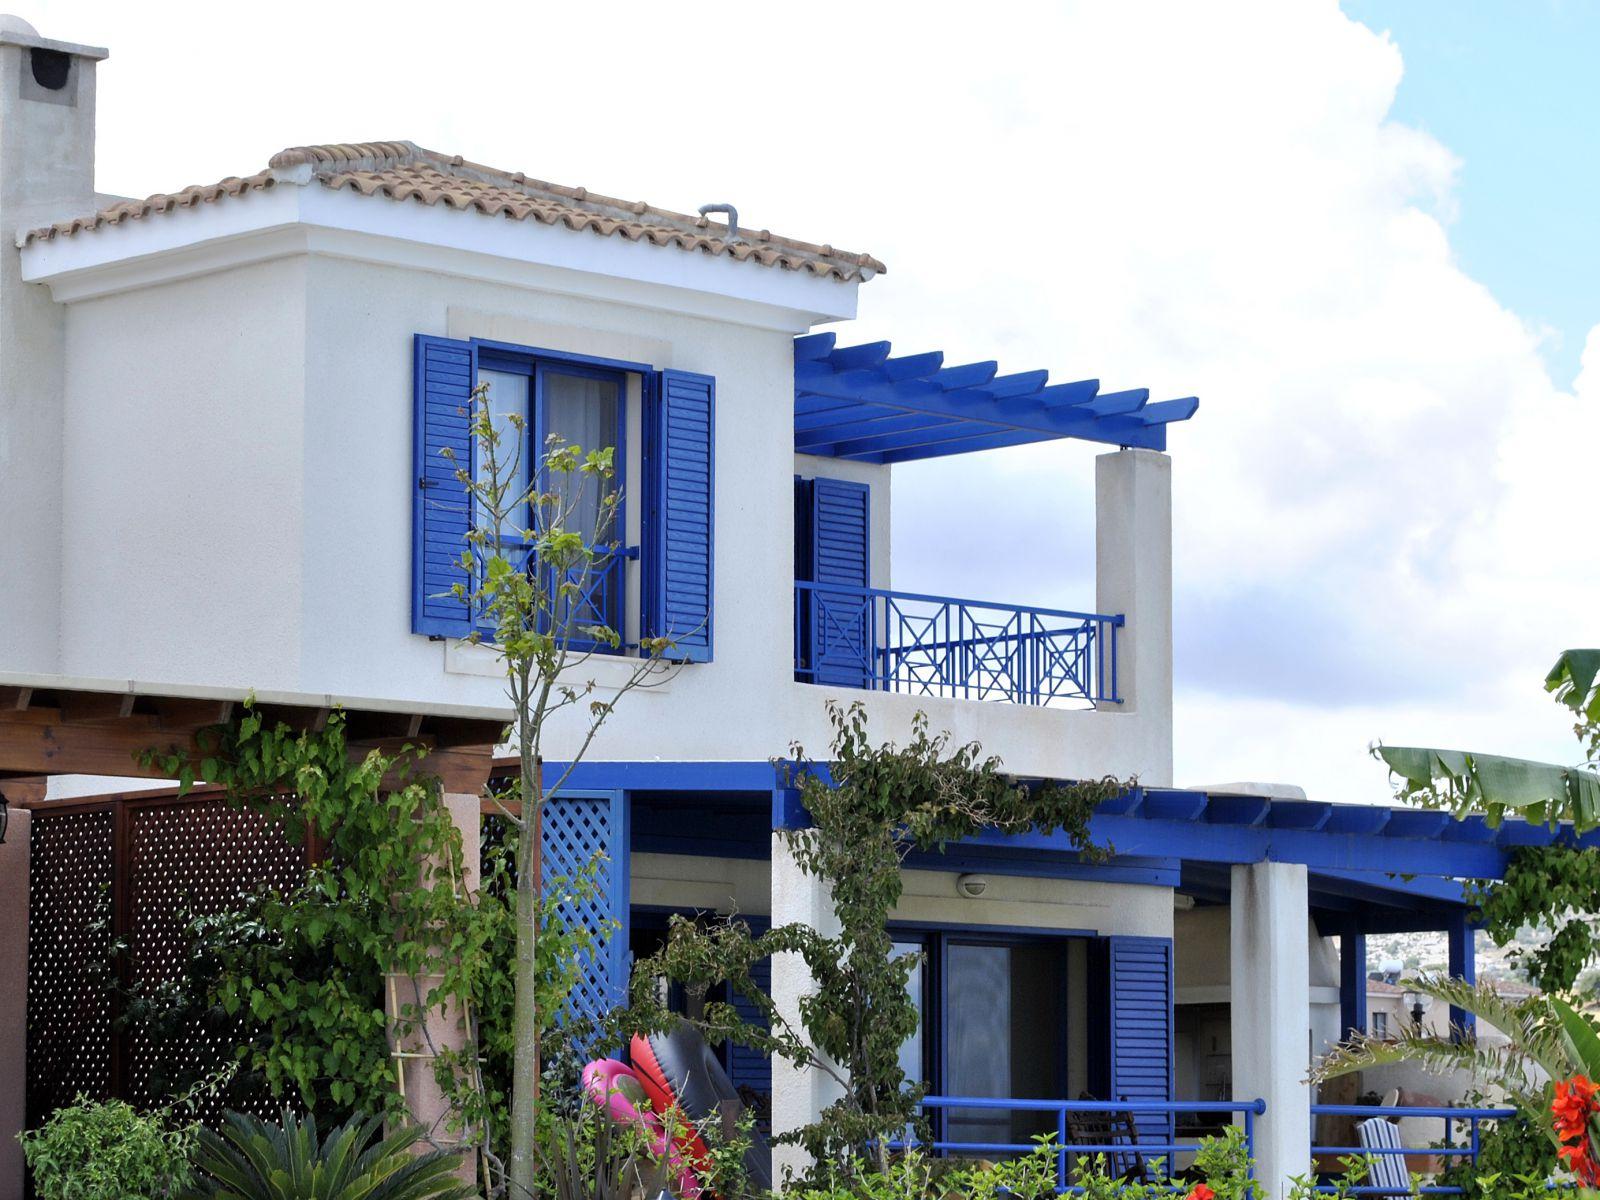 Купить дом/ квартиру за границей за 100000 долларов торревьеха недвижимость цены